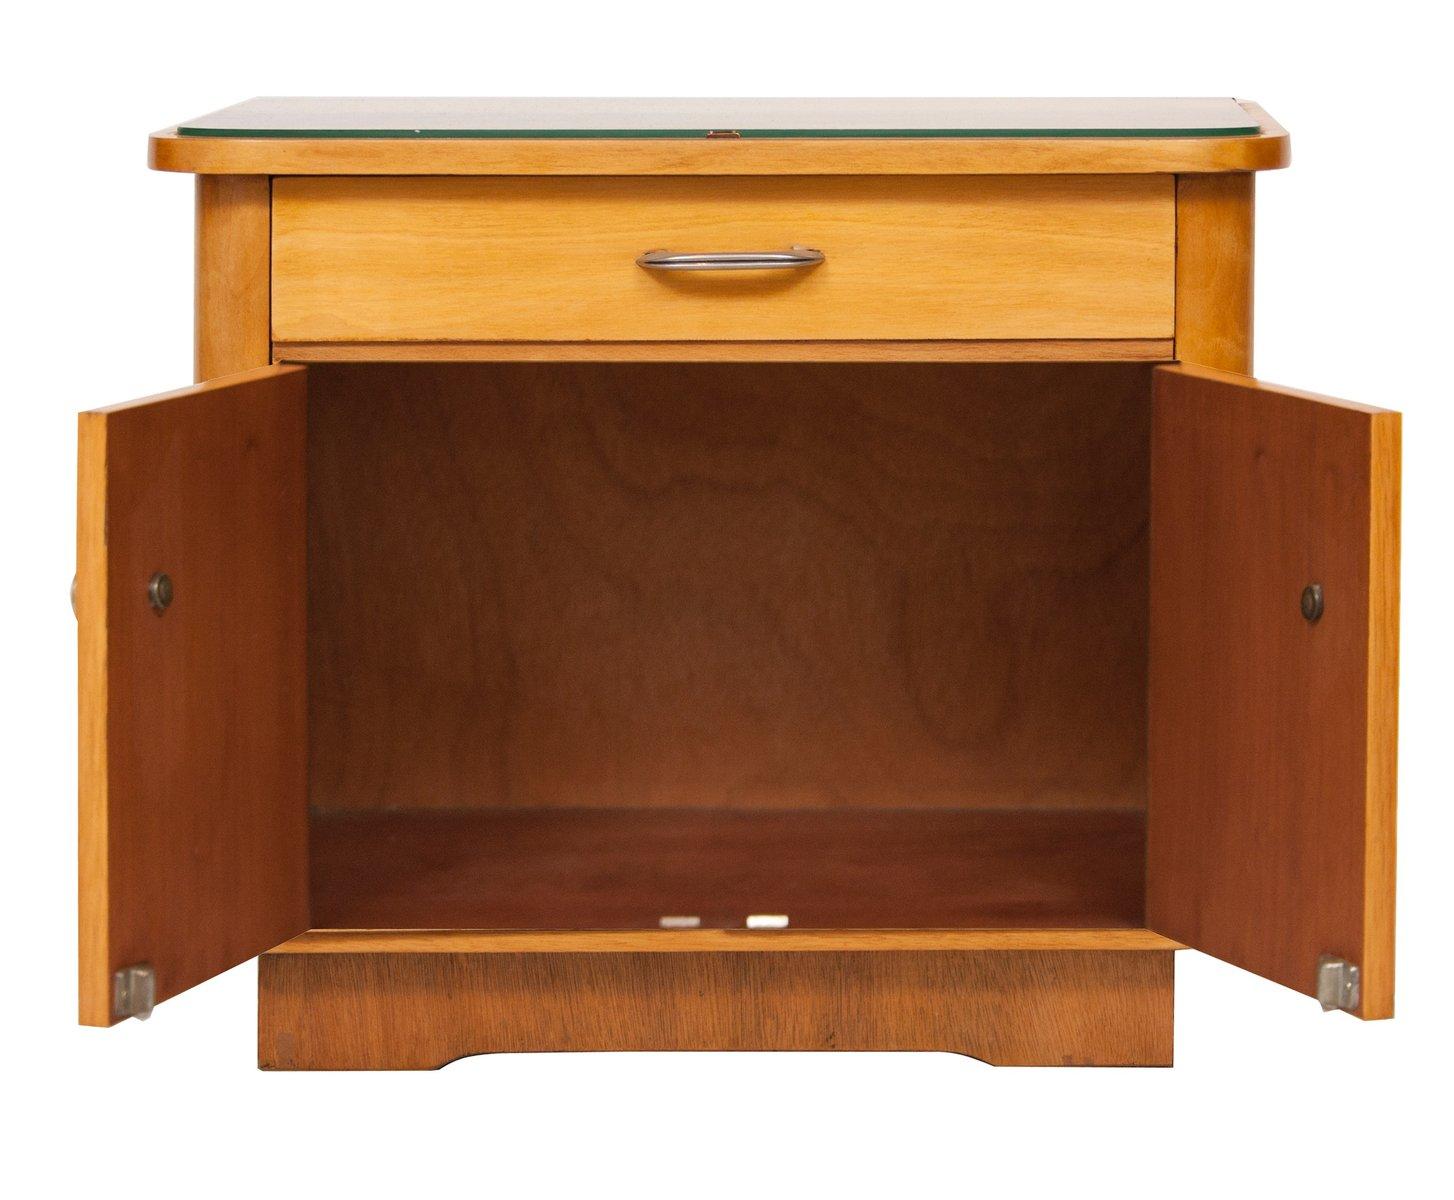 vintage eschenholz beistelltisch bei pamono kaufen. Black Bedroom Furniture Sets. Home Design Ideas